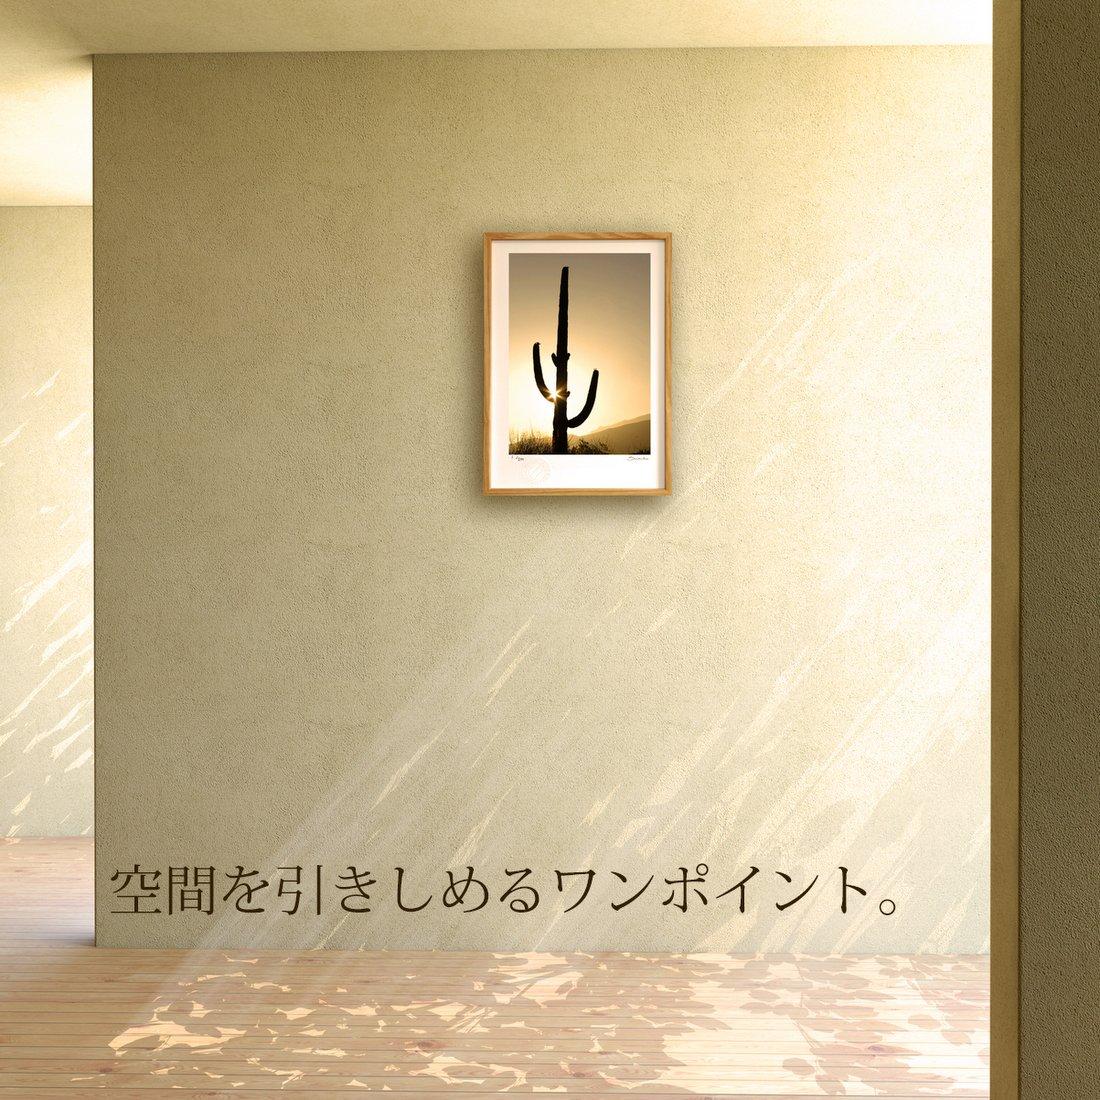 【版画 絵画】ハミングバードとエキウム・カンディカンス3(スミコ スコット)/インテリア 壁掛け 額入り アート アートパネル アートフレーム